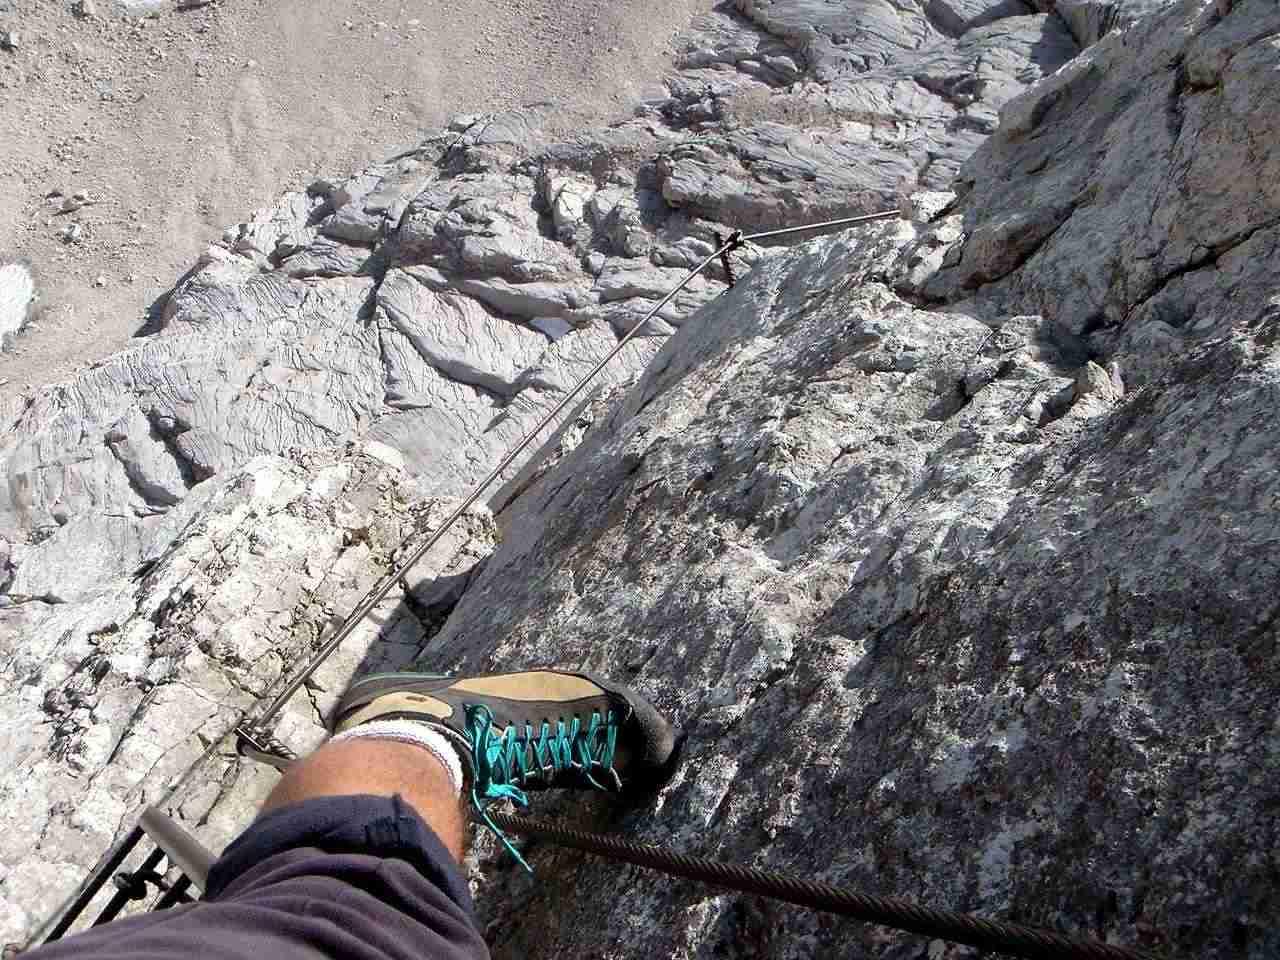 Foto: Manfred Karl / Wander Tour / Über das Prielschutzhaus und den Bert-Rinesch-Klettersteig auf den Gr.Priel / In Ermangelung eines Partners müssen die eigenen Füße herhalten. / 15.06.2007 23:39:56